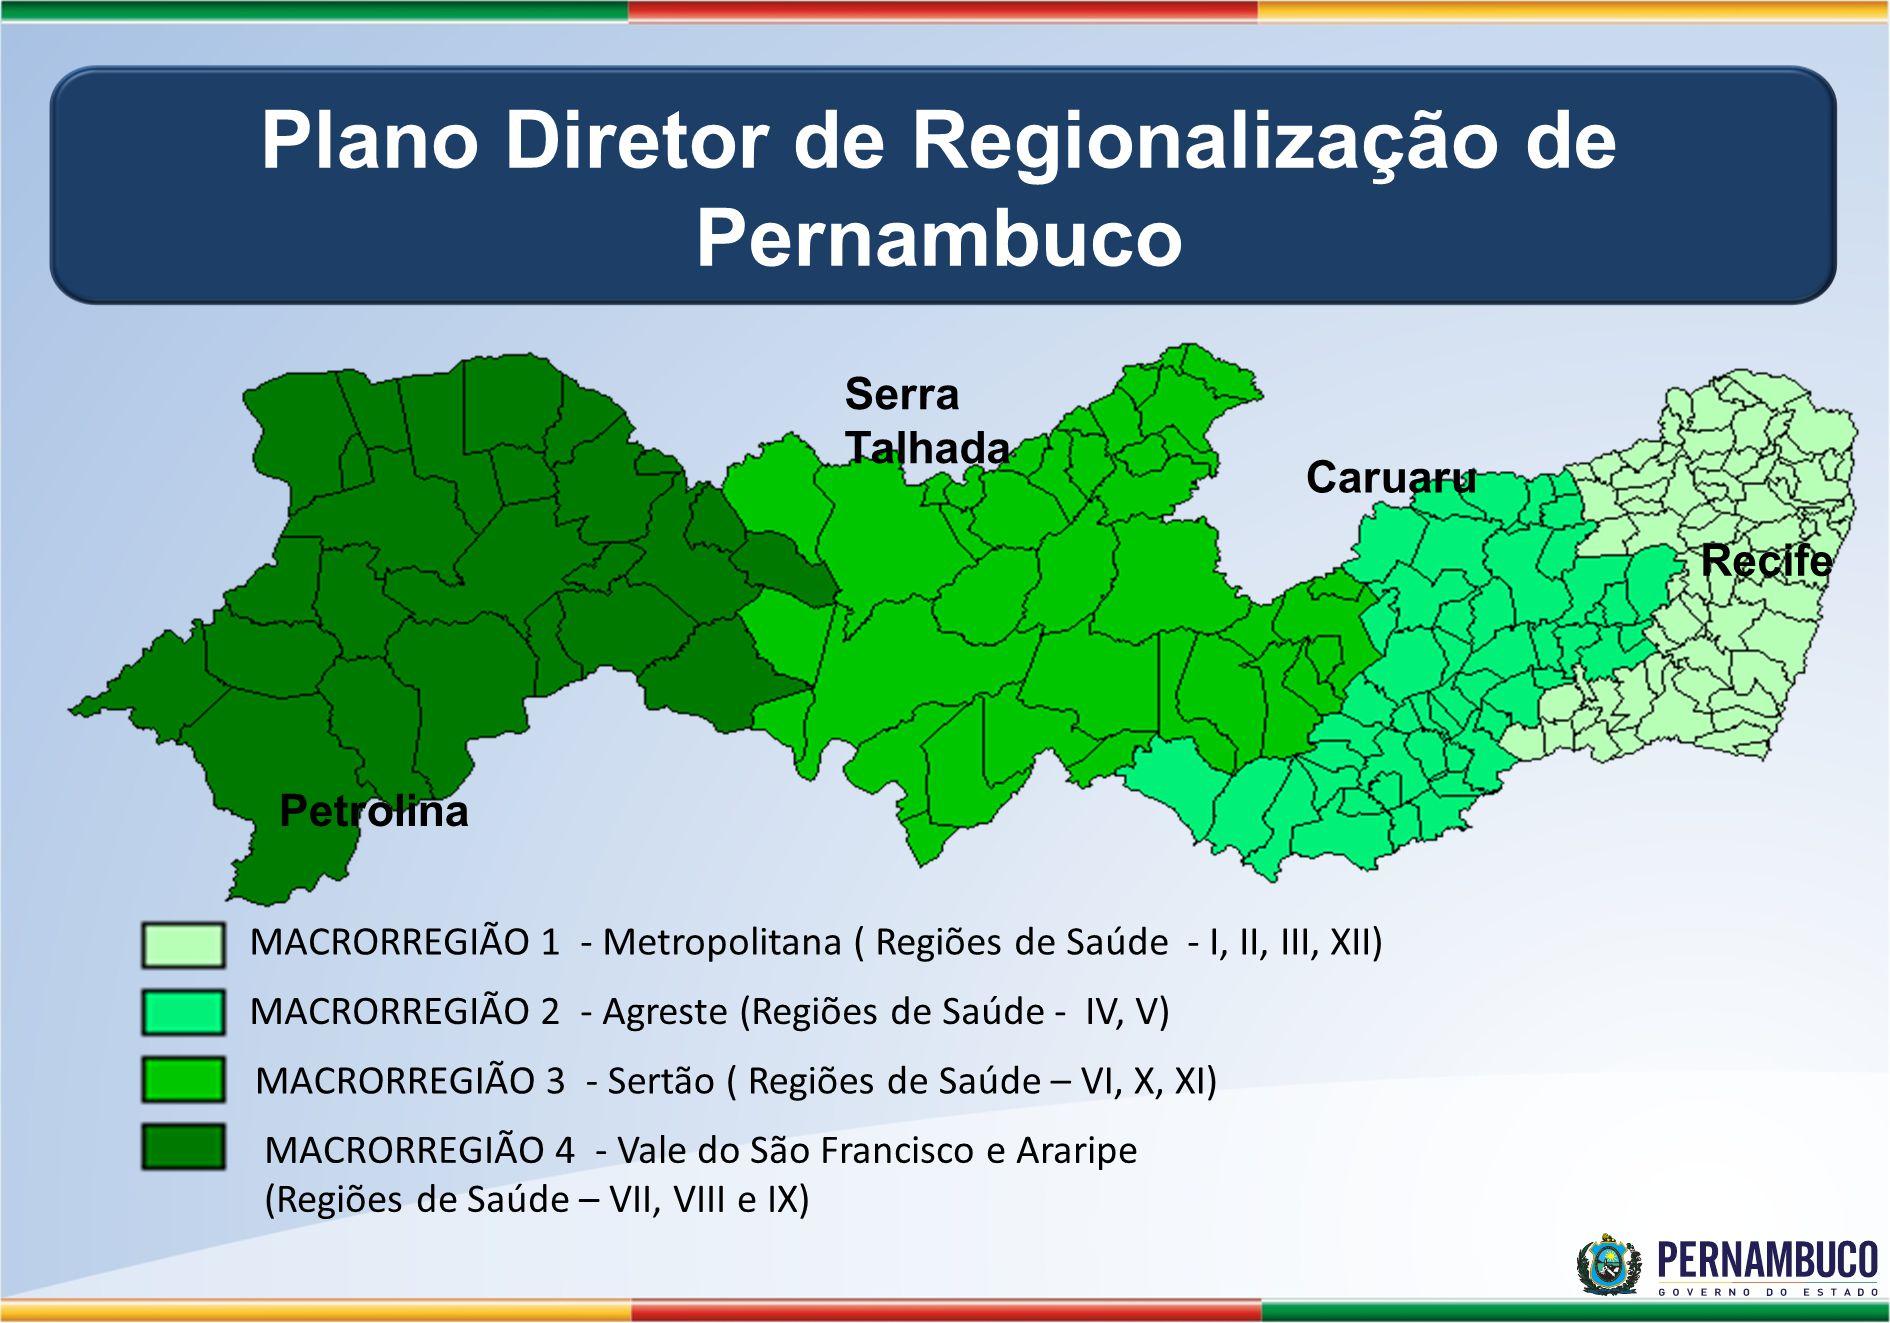 Petrolina Serra Talhada Caruaru Recife MACRORREGIÃO 1 - Metropolitana ( Regiões de Saúde - I, II, III, XII) MACRORREGIÃO 2 - Agreste (Regiões de Saúde